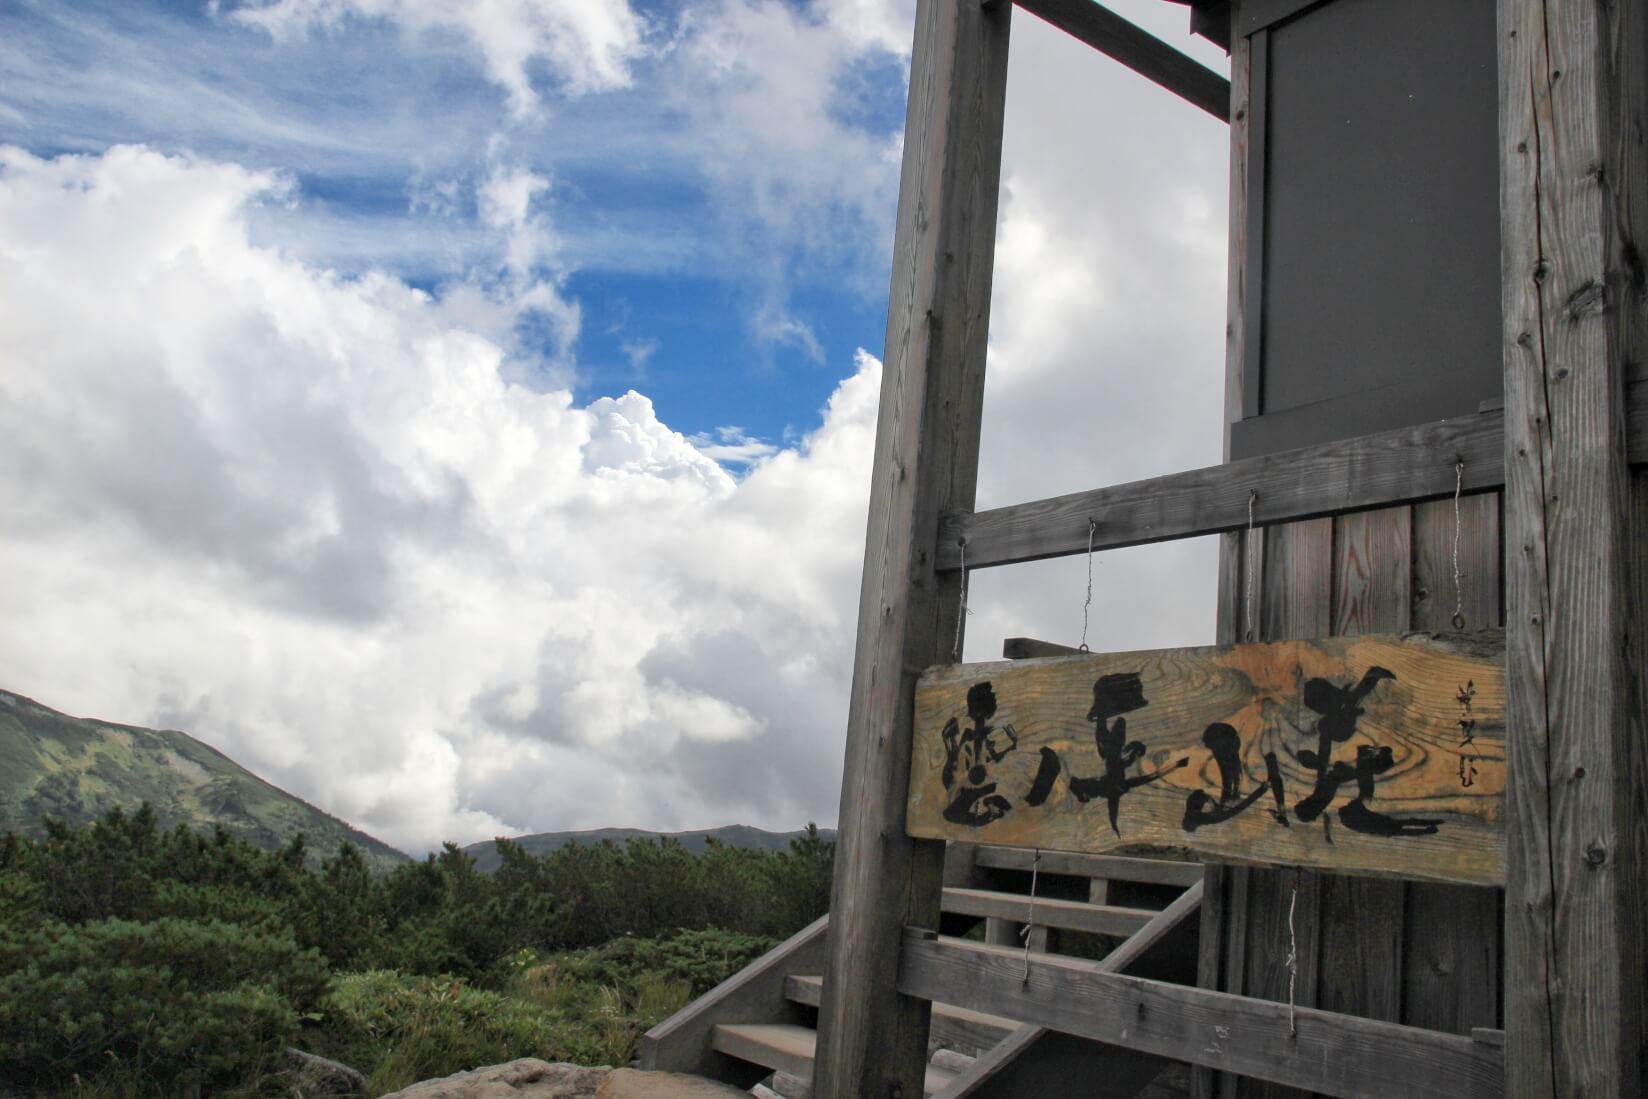 雲ノ平山荘の看板